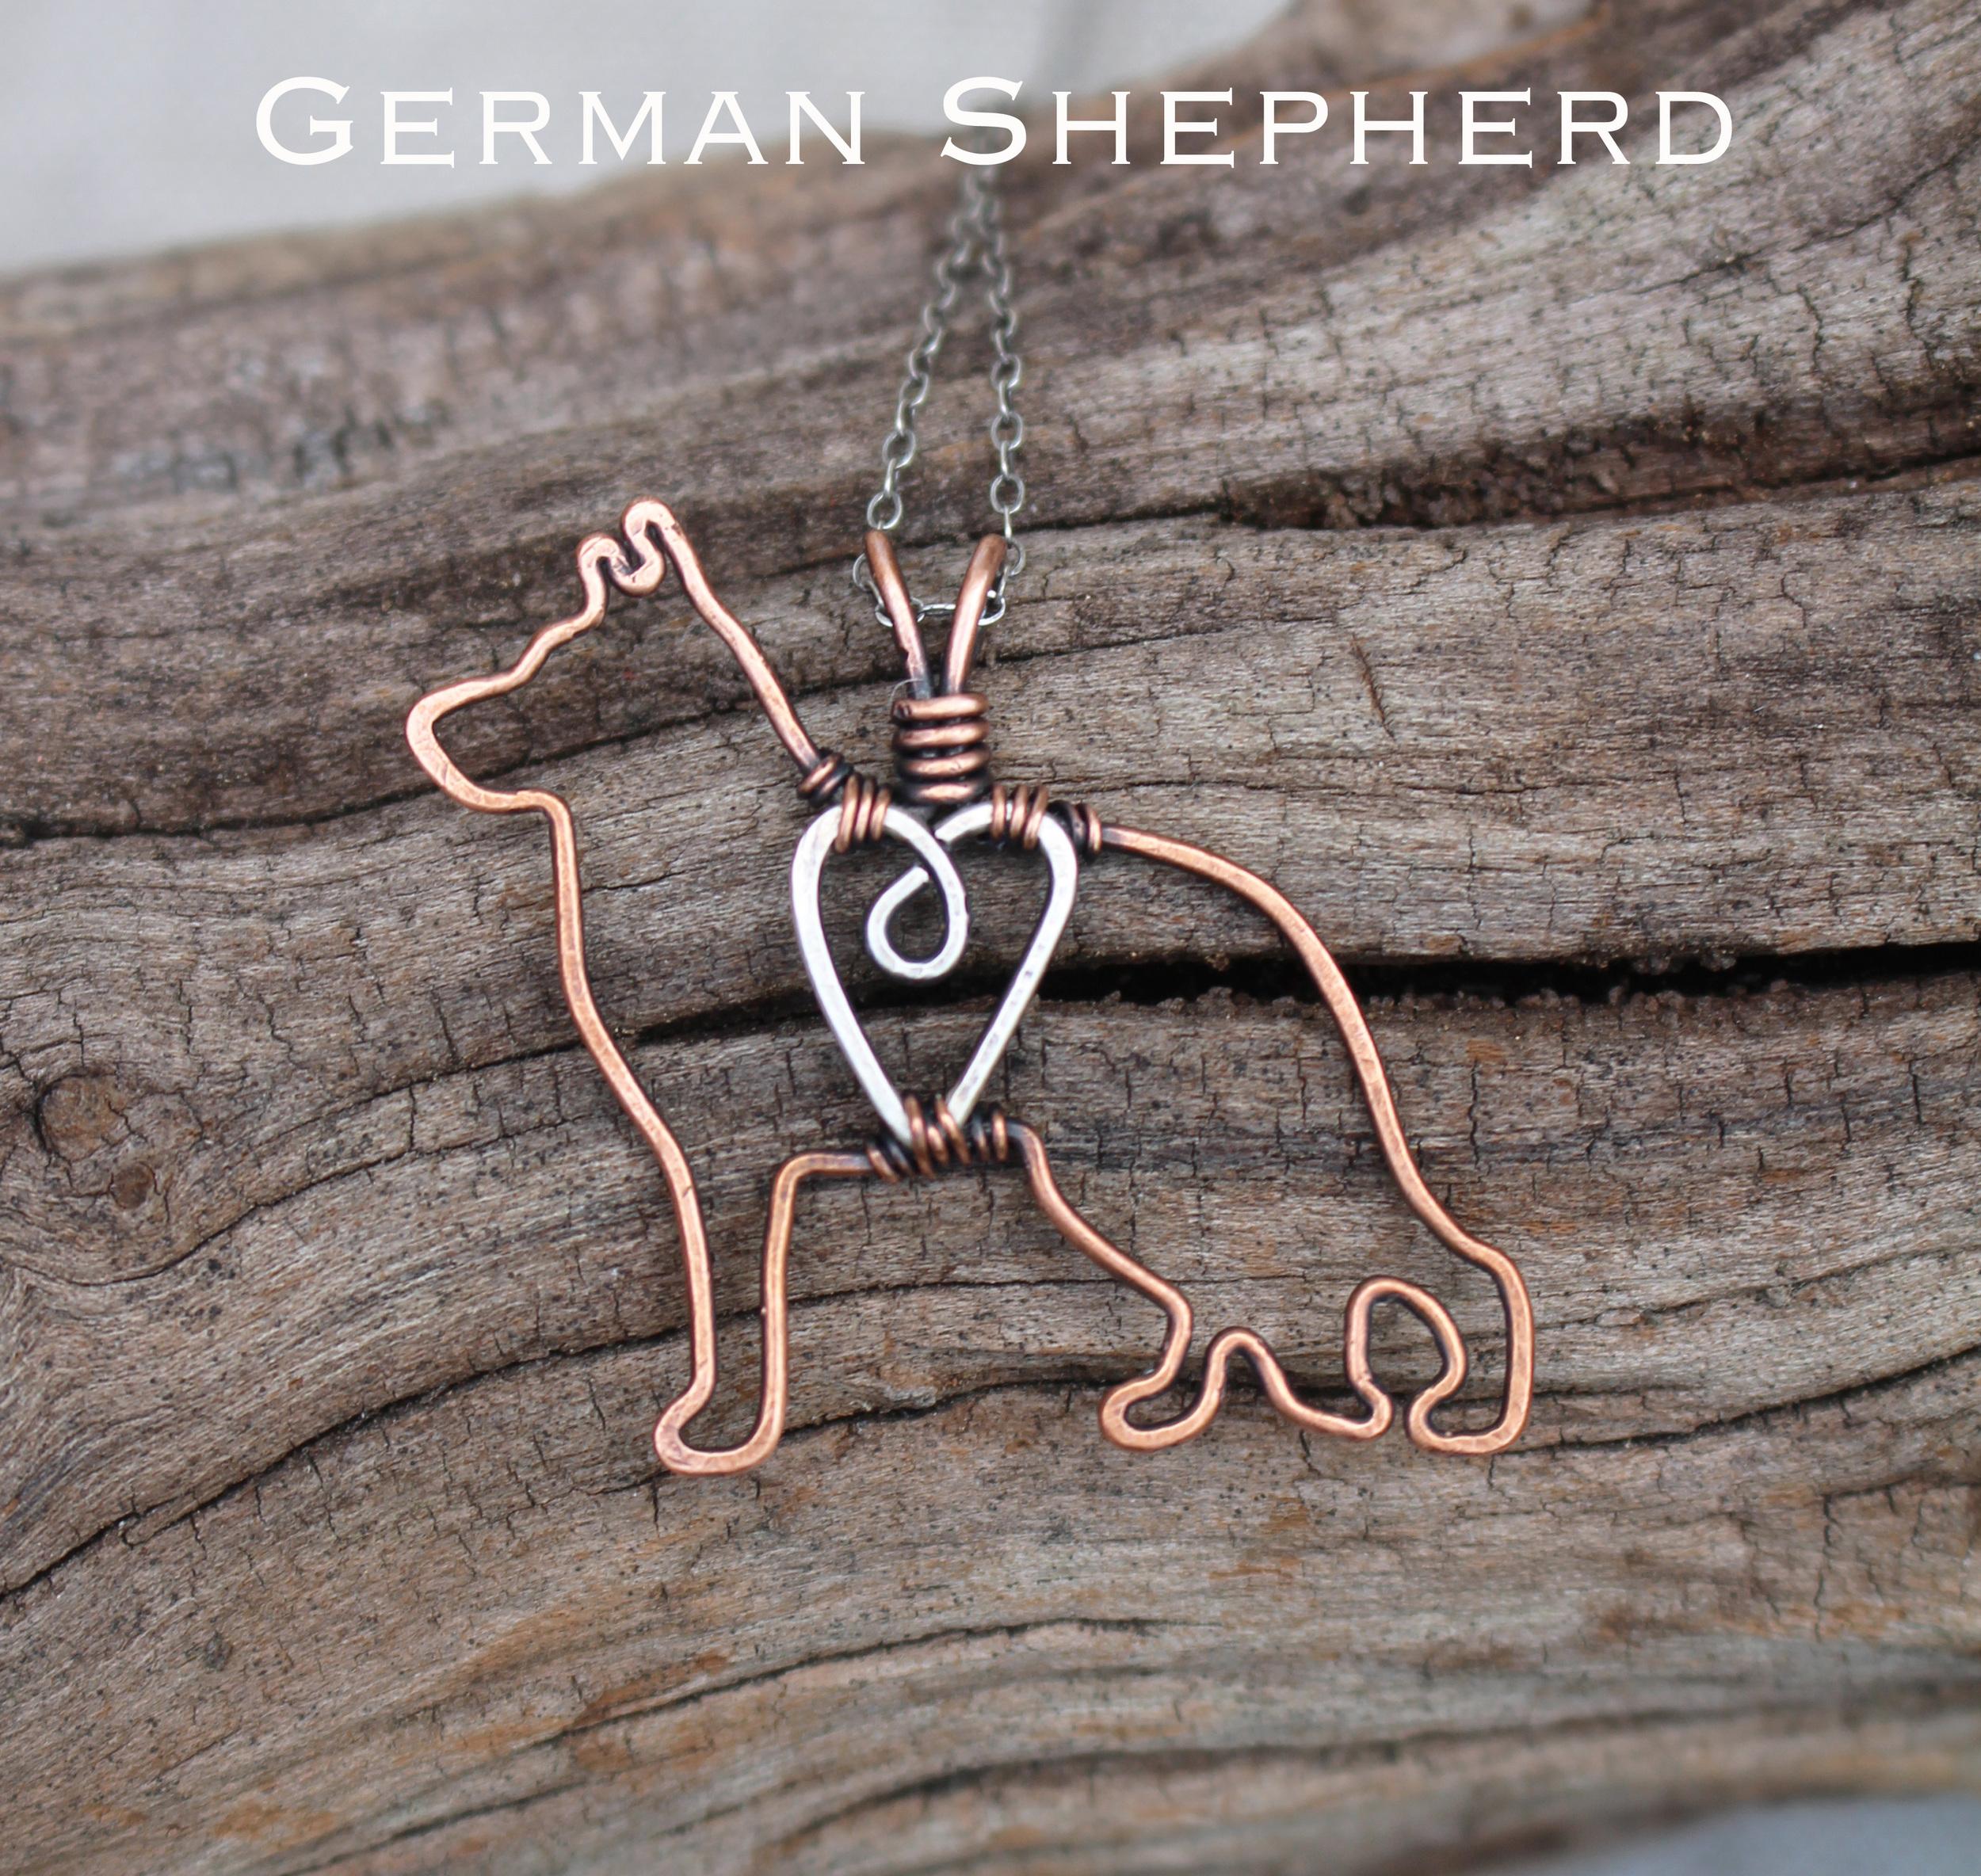 german shepherd22.jpg